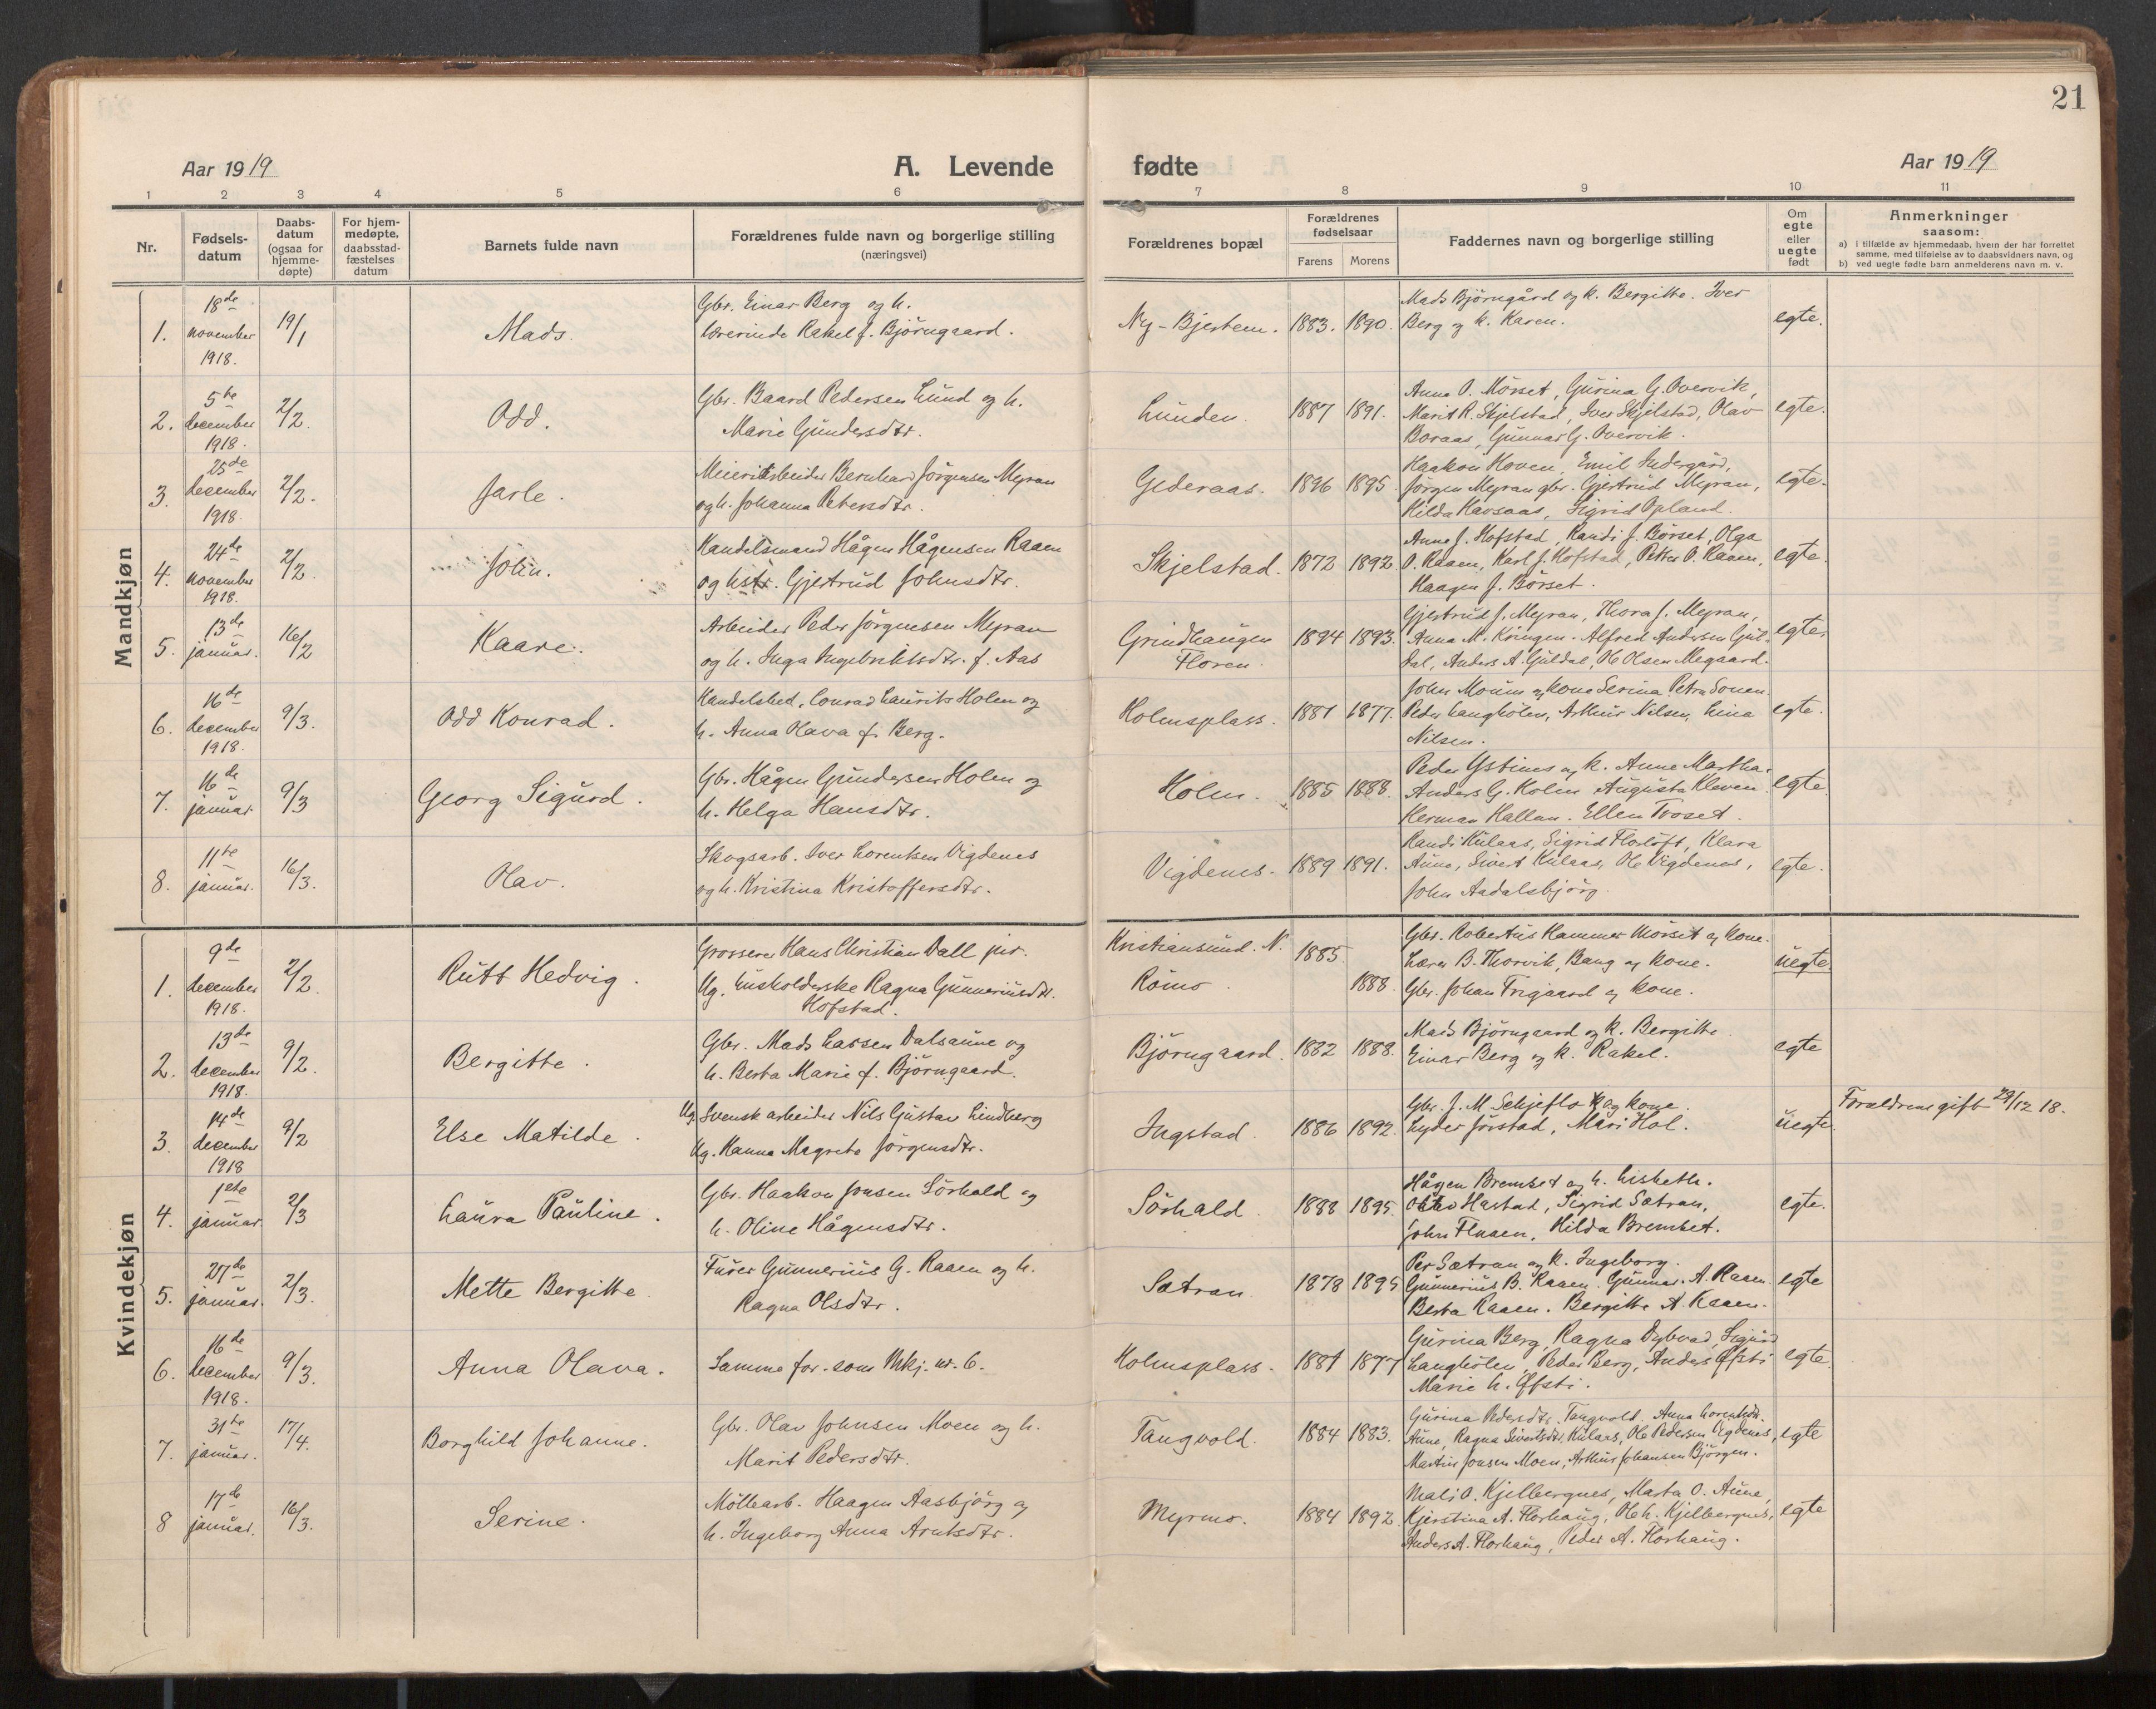 SAT, Ministerialprotokoller, klokkerbøker og fødselsregistre - Nord-Trøndelag, 703/L0037: Parish register (official) no. 703A10, 1915-1932, p. 21